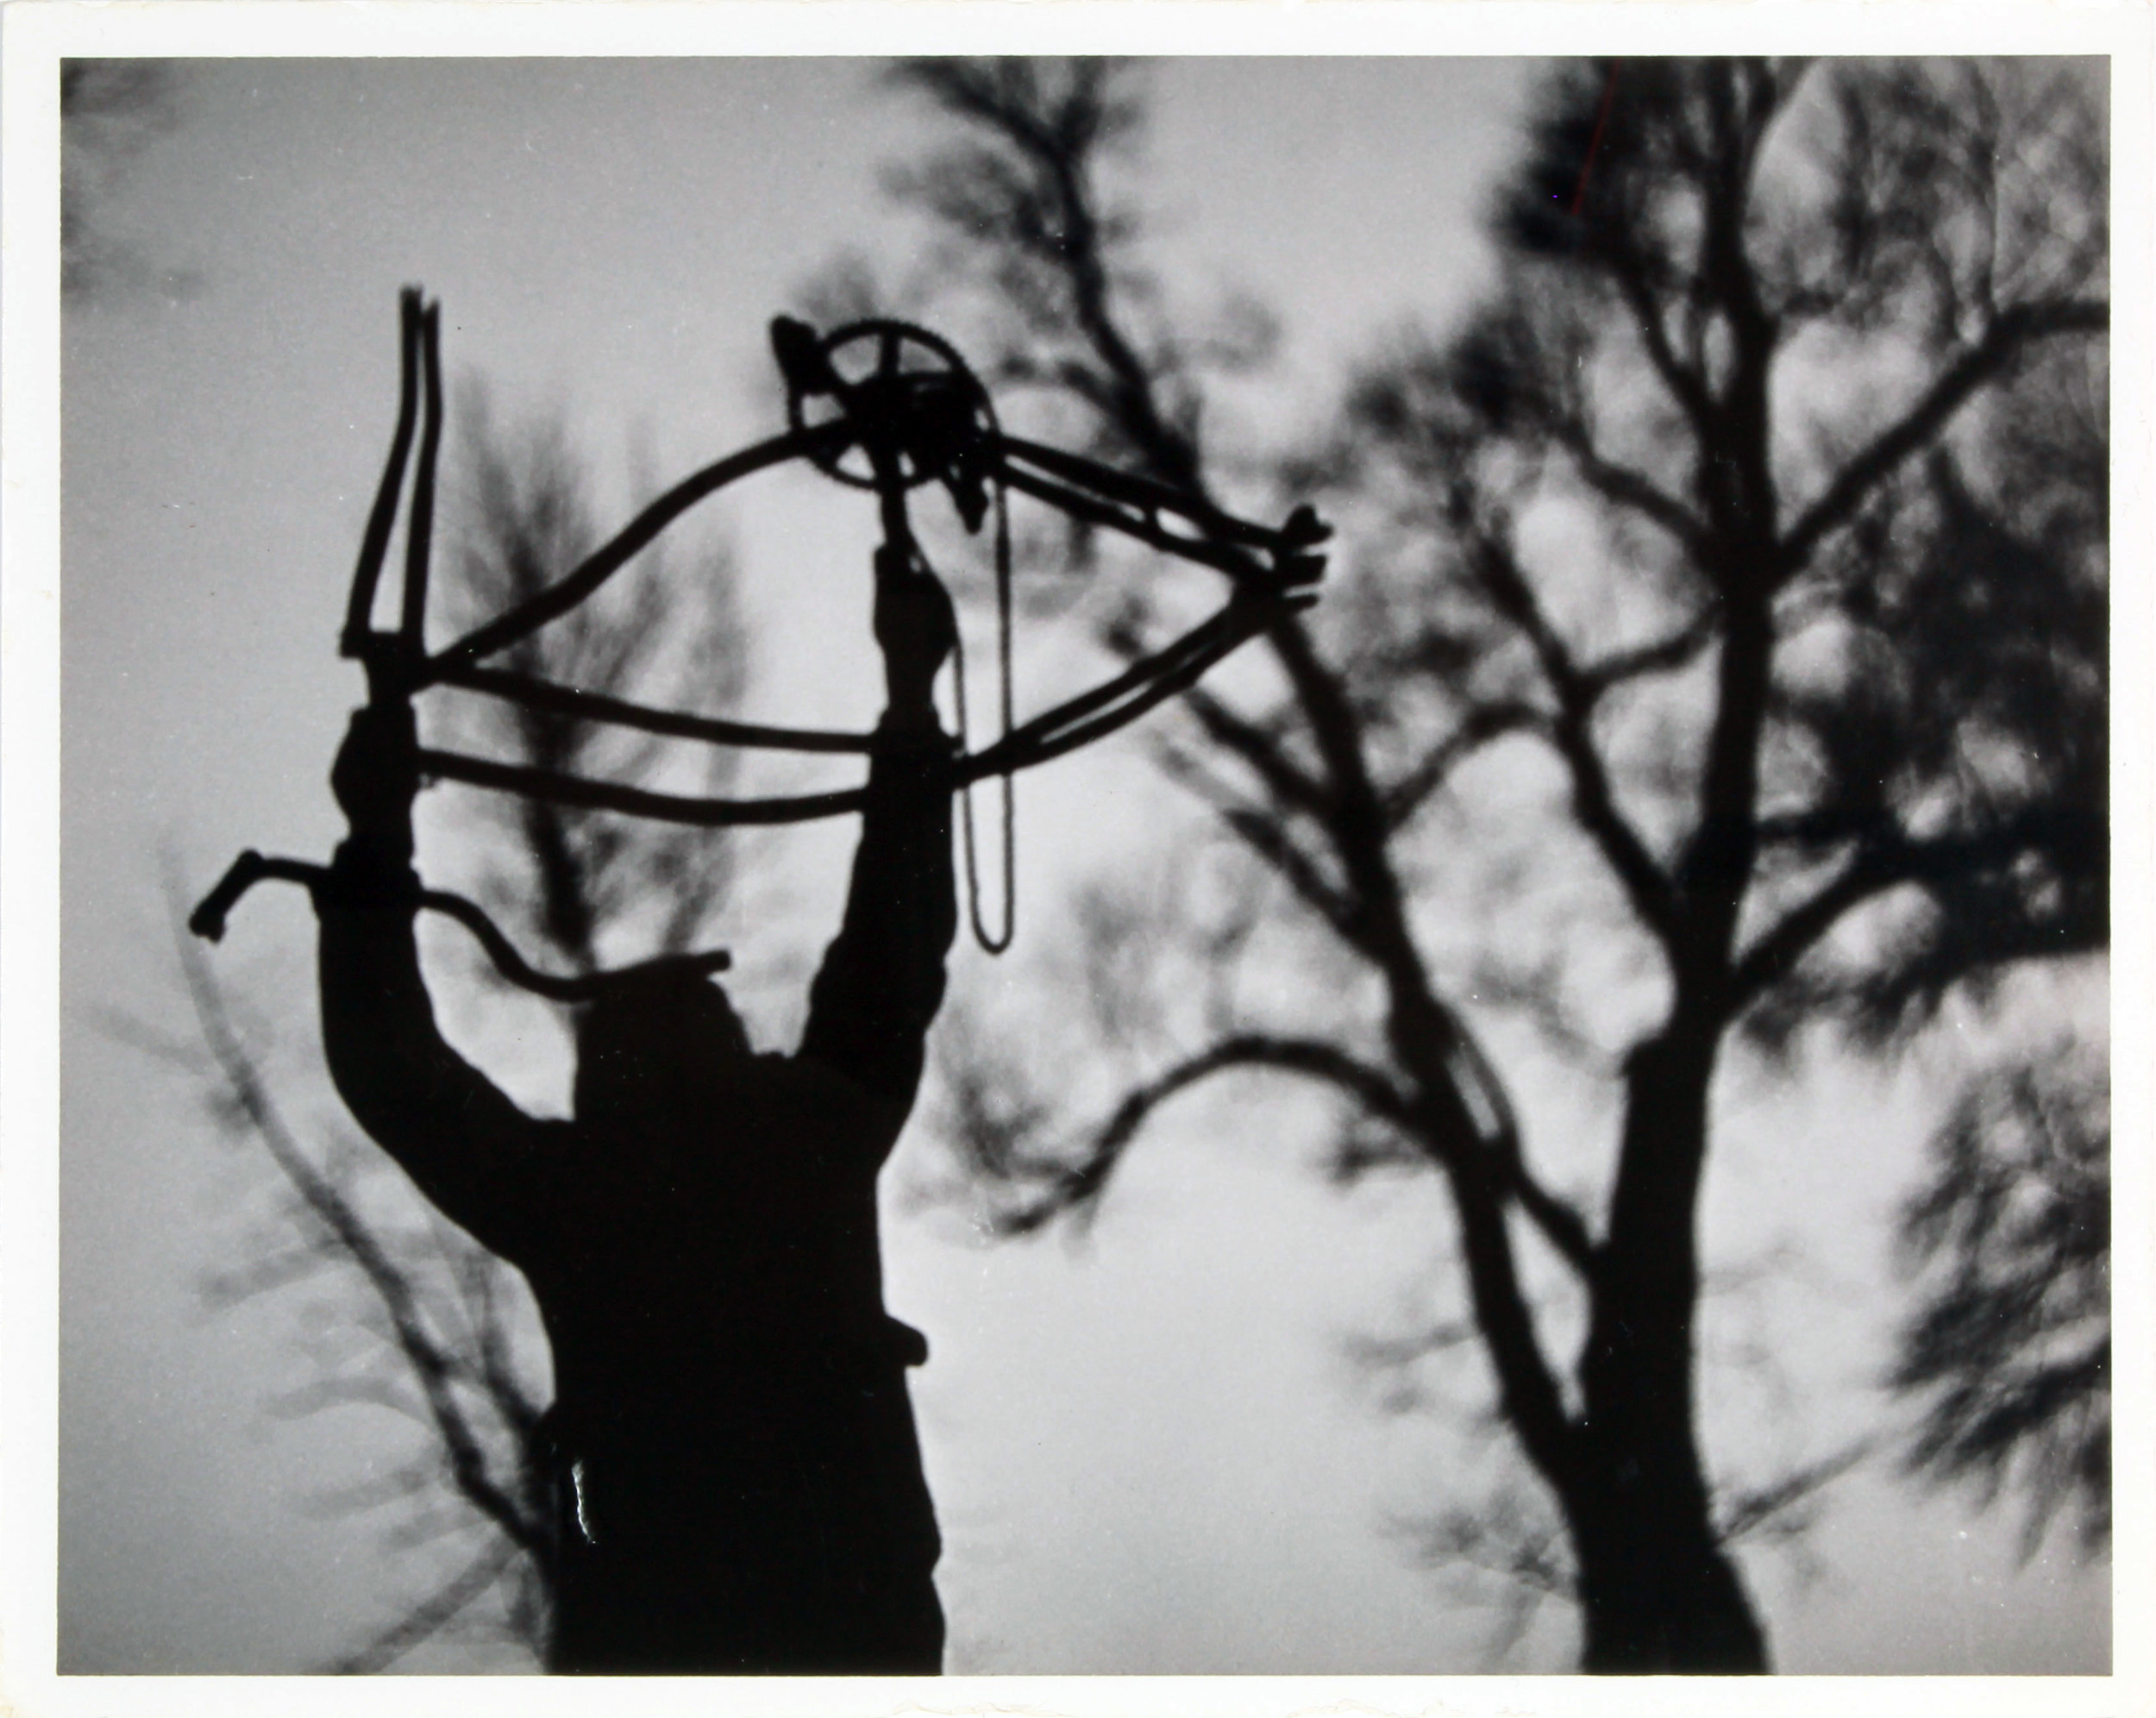 Hollis Frampton | Untitled (1962)